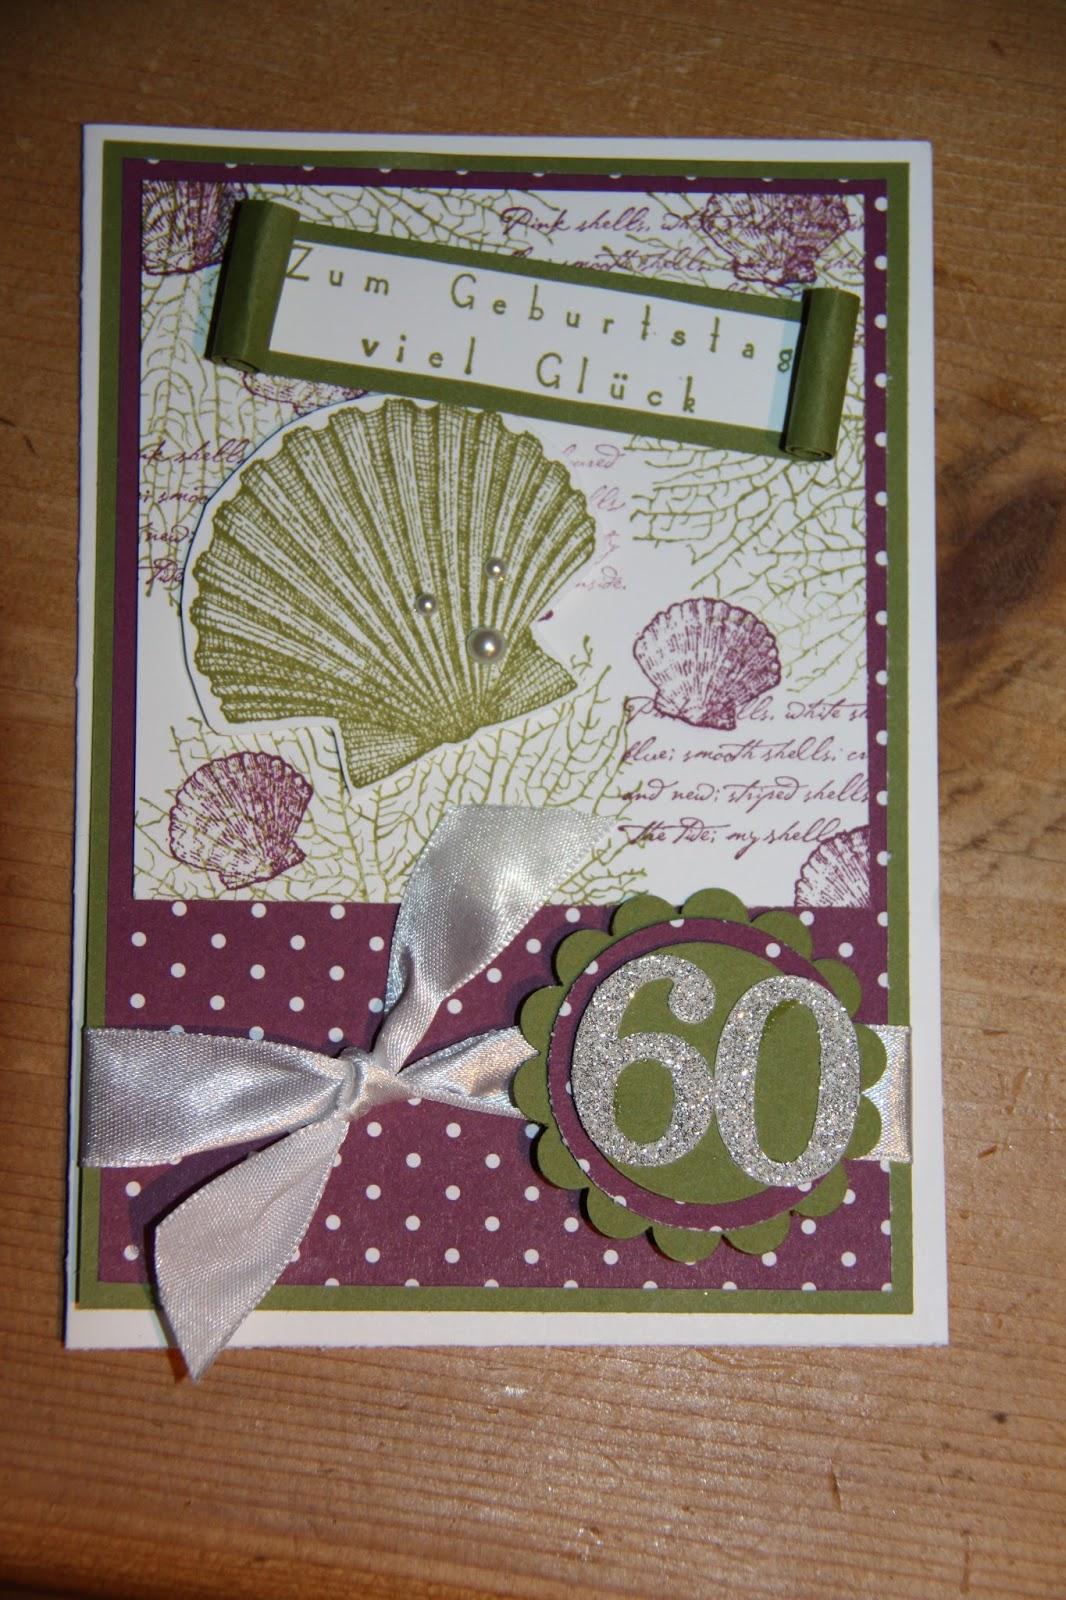 derstempelvogel: Geburtstagskarte 60. Geburtstag ...